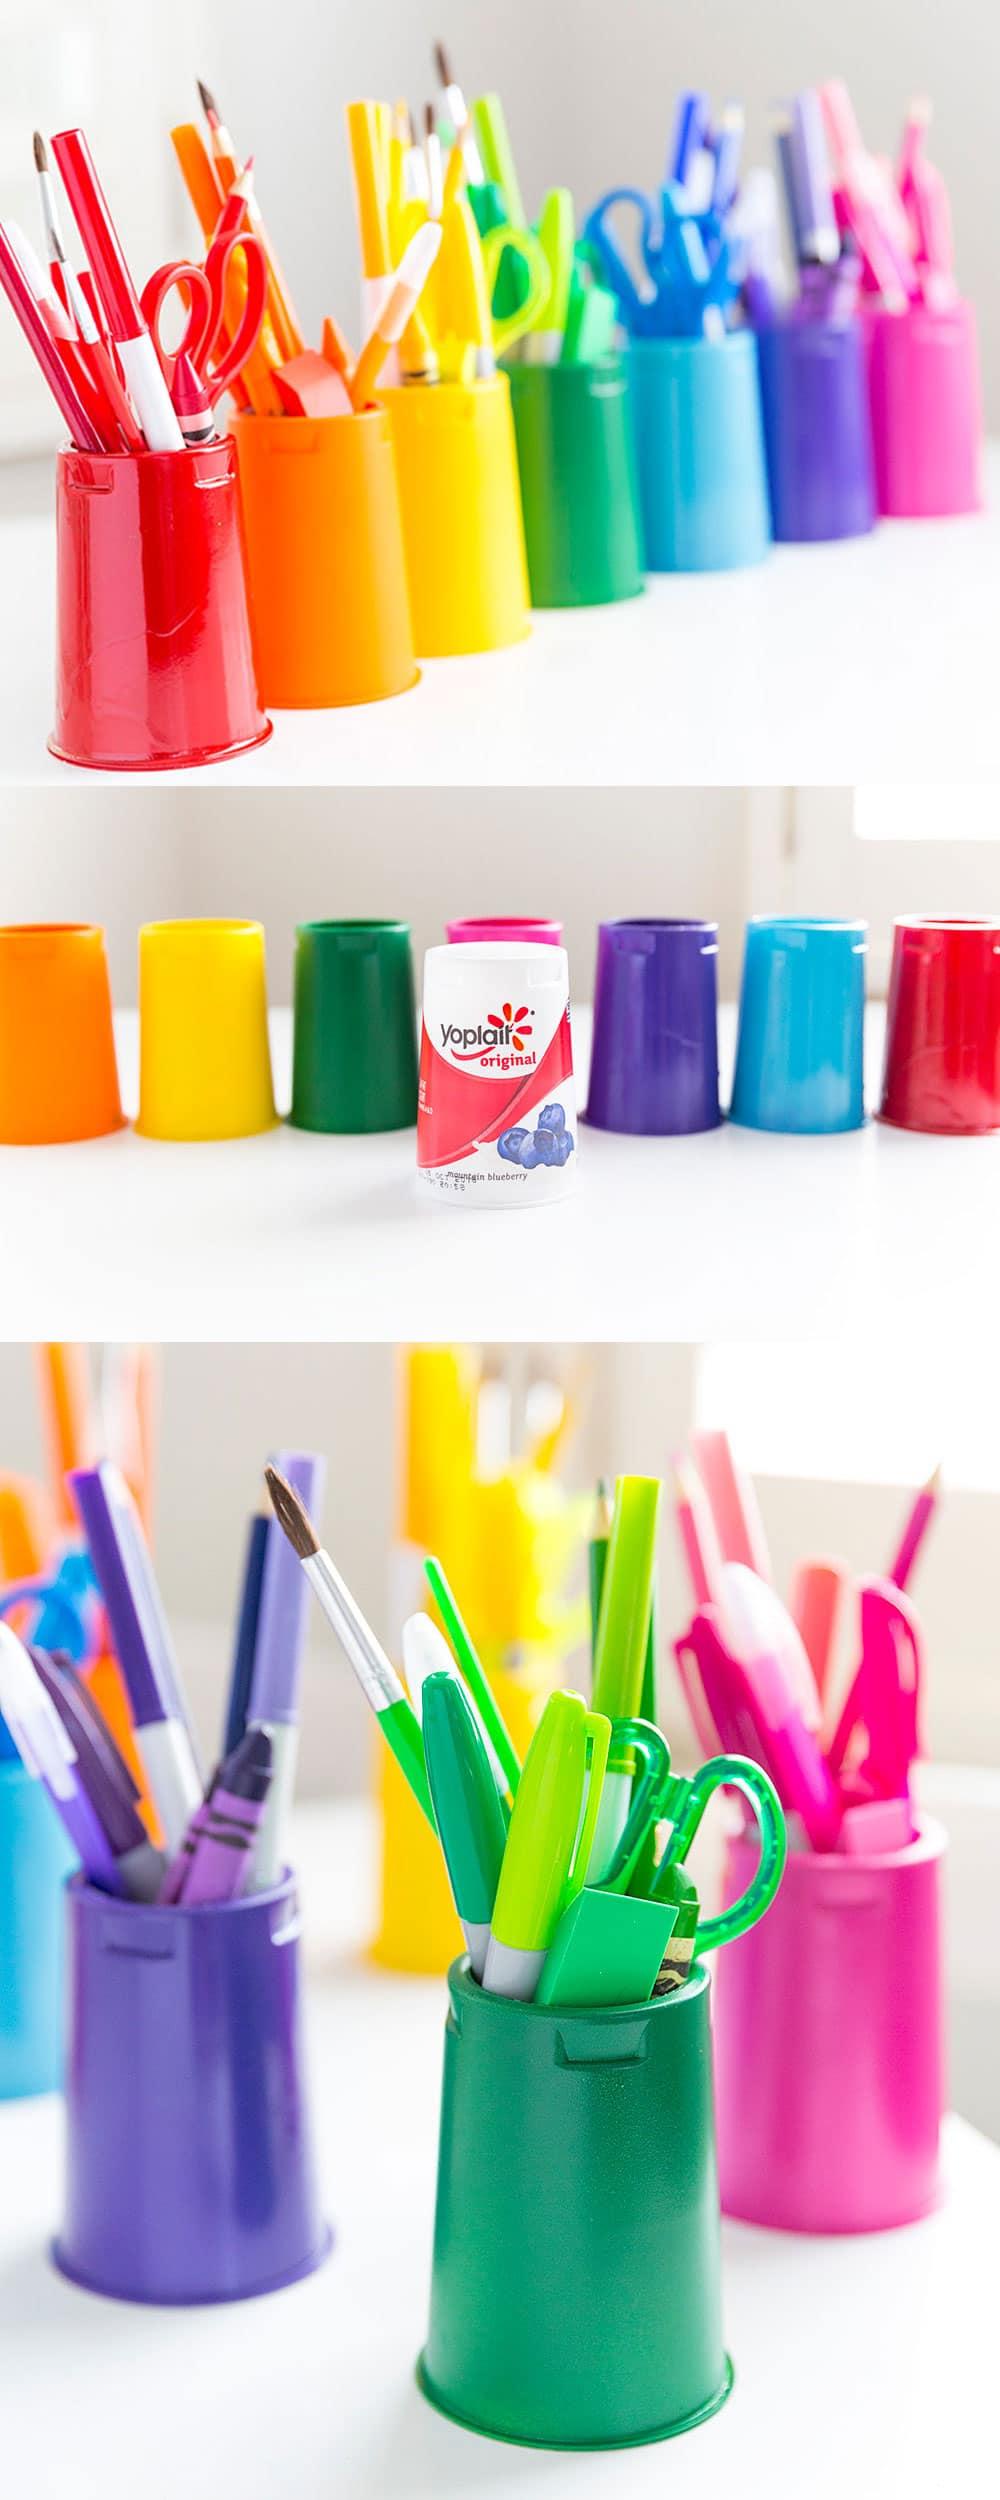 DIY Rainbow School Supply Cups using Yoplait Cups!